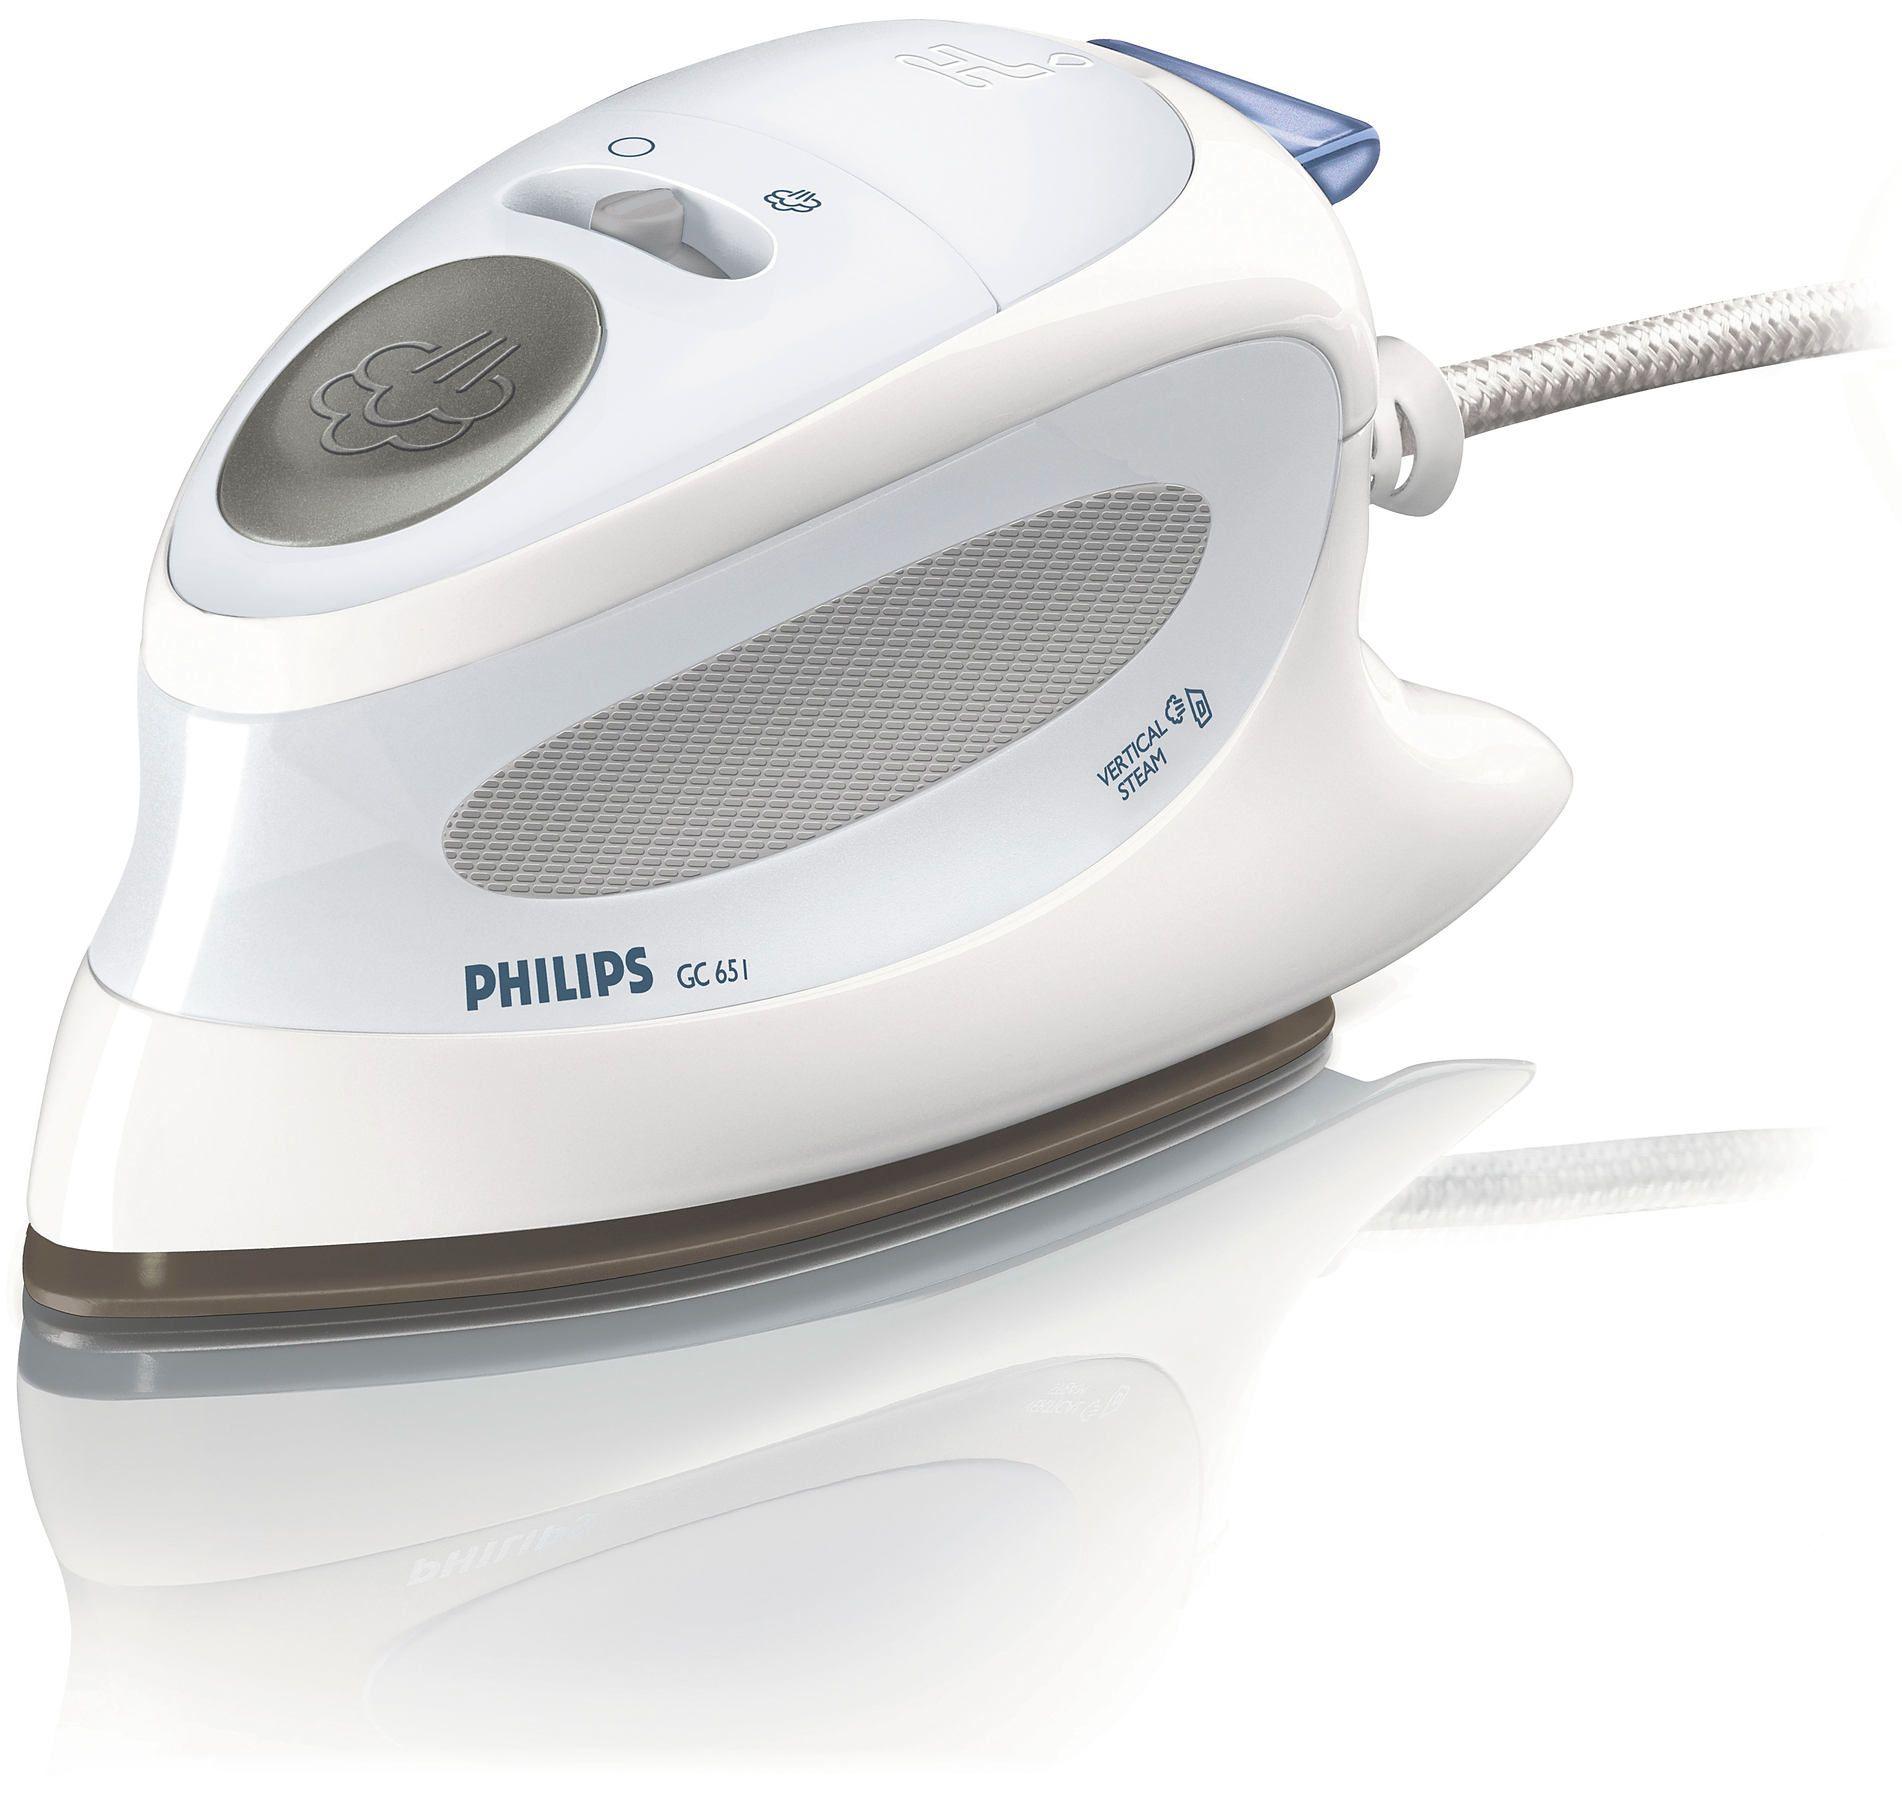 Утюг Philips GC651/02 дорожныйУтюги<br><br><br>Артикул: GC651/02<br>Бренд: Philips<br>Вид: утюг дорожный<br>Высота упаковки (мм): 105<br>Длина упаковки (мм): 235<br>Ширина упаковки (мм): 110<br>Потребляемая мощность (Вт): 800<br>Гарантия производителя: да<br>Материал подошвы: Нержавеющая сталь<br>Возможность сухого глажения: да<br>Система самоочистки: нет<br>Защита от накипи: нет<br>Дорожный: да<br>Противокапельная система: нет<br>Вес упаковки (кг): 0,95<br>Цвет: белый<br>Срок гарантии (мес.): 24<br>Длина шнура (м): 1,9<br>Вертикальное отпаривание: да<br>Автоматическое отключение: нет<br>Паровой удар: да<br>Функция разбрызгивания: нет<br>Индикатор нагрева подошвы: нет<br>Индикатор наличия воды: нет<br>Мерный стакан: нет